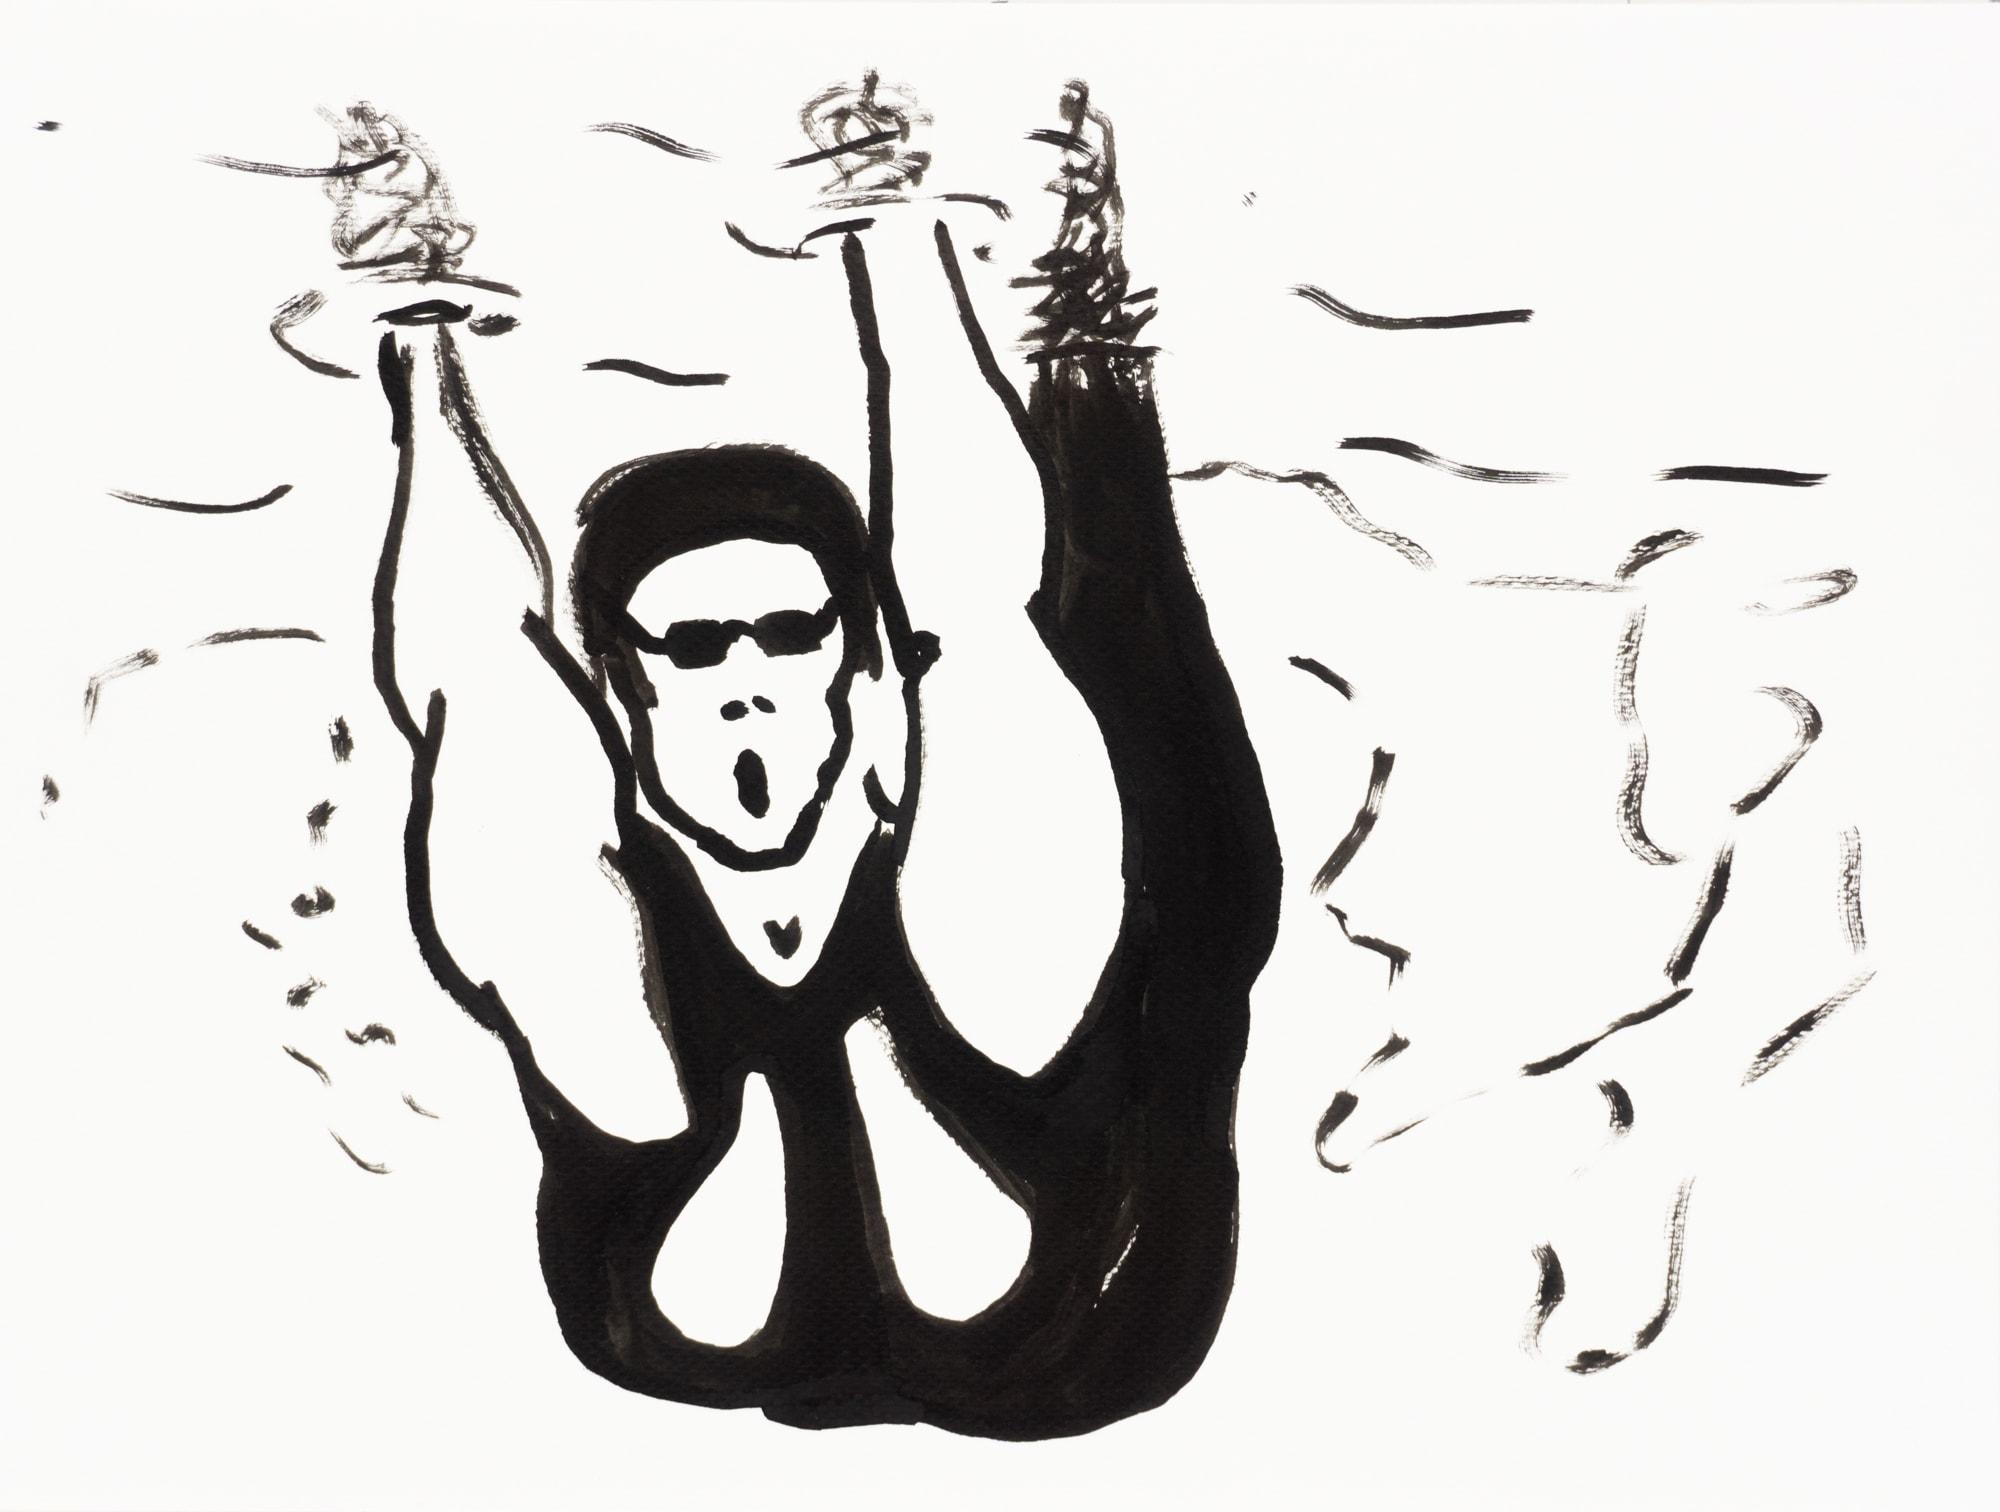 Zeichnung, Tusche auf Papier, 32cm x 24cm, Wettkampfschwimmerin beim Start, artist: Franziska King